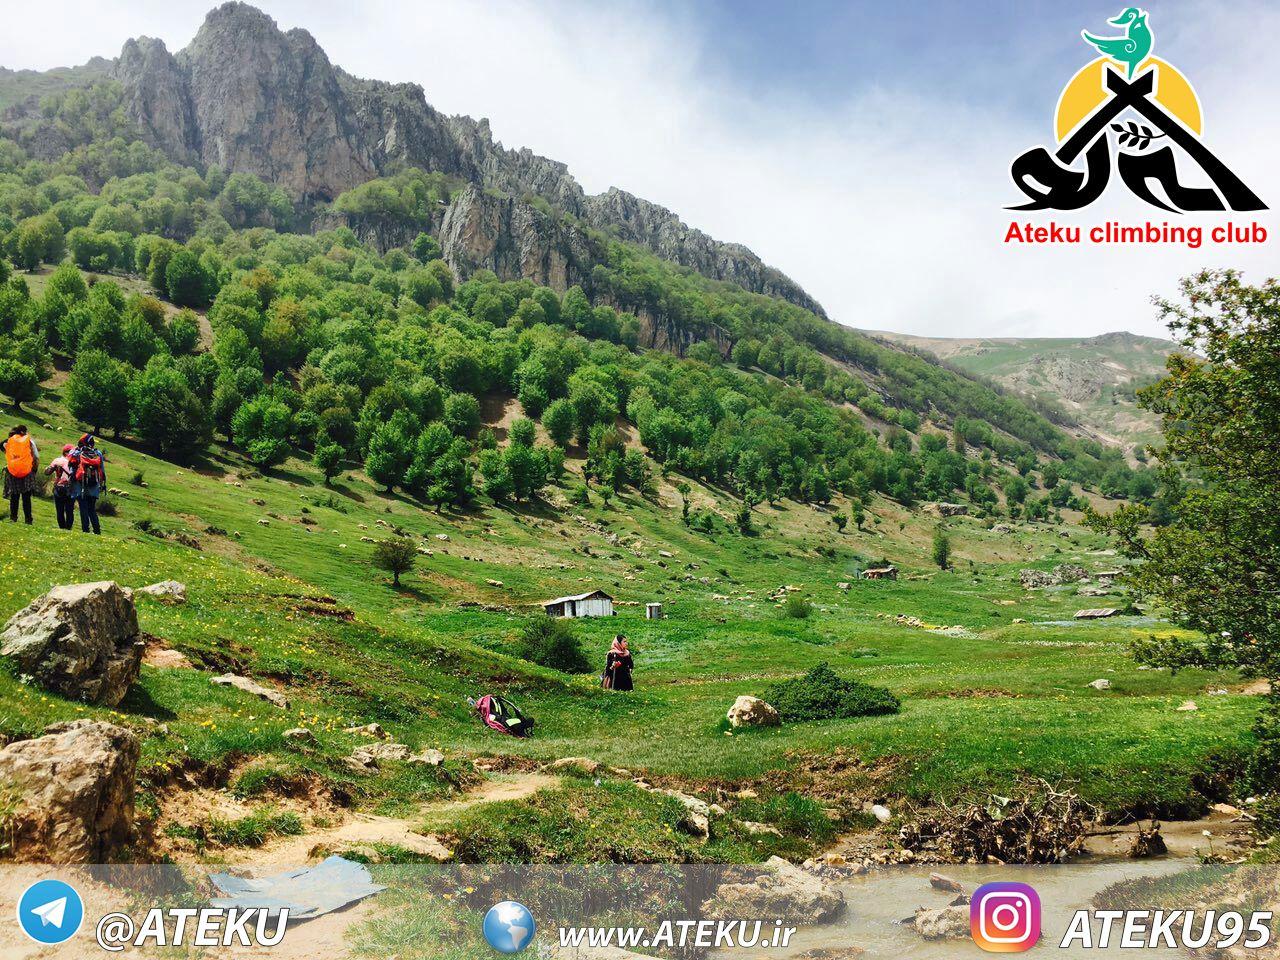 باشگاه-کوه-نوردی-اته-کو-کوروبار-ماسوله (5)